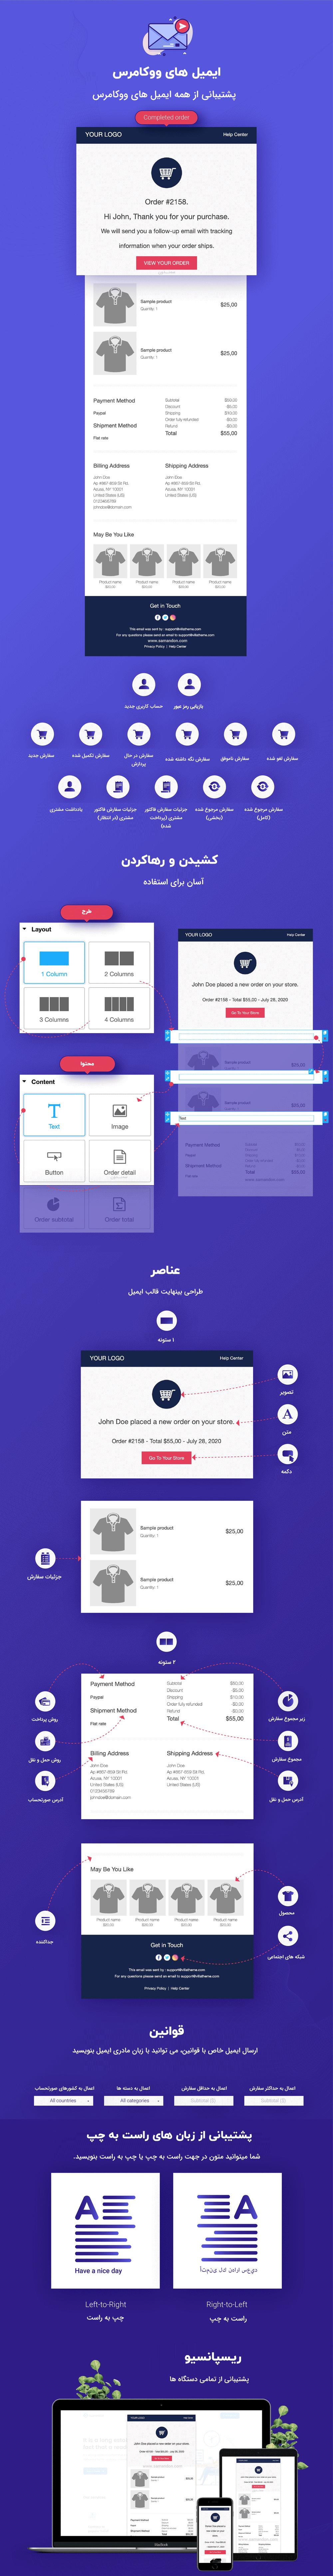 ویژگی های افزونه شخصی سازی ایمیل های ووکامرس | WooCommerce Email Template Customizer